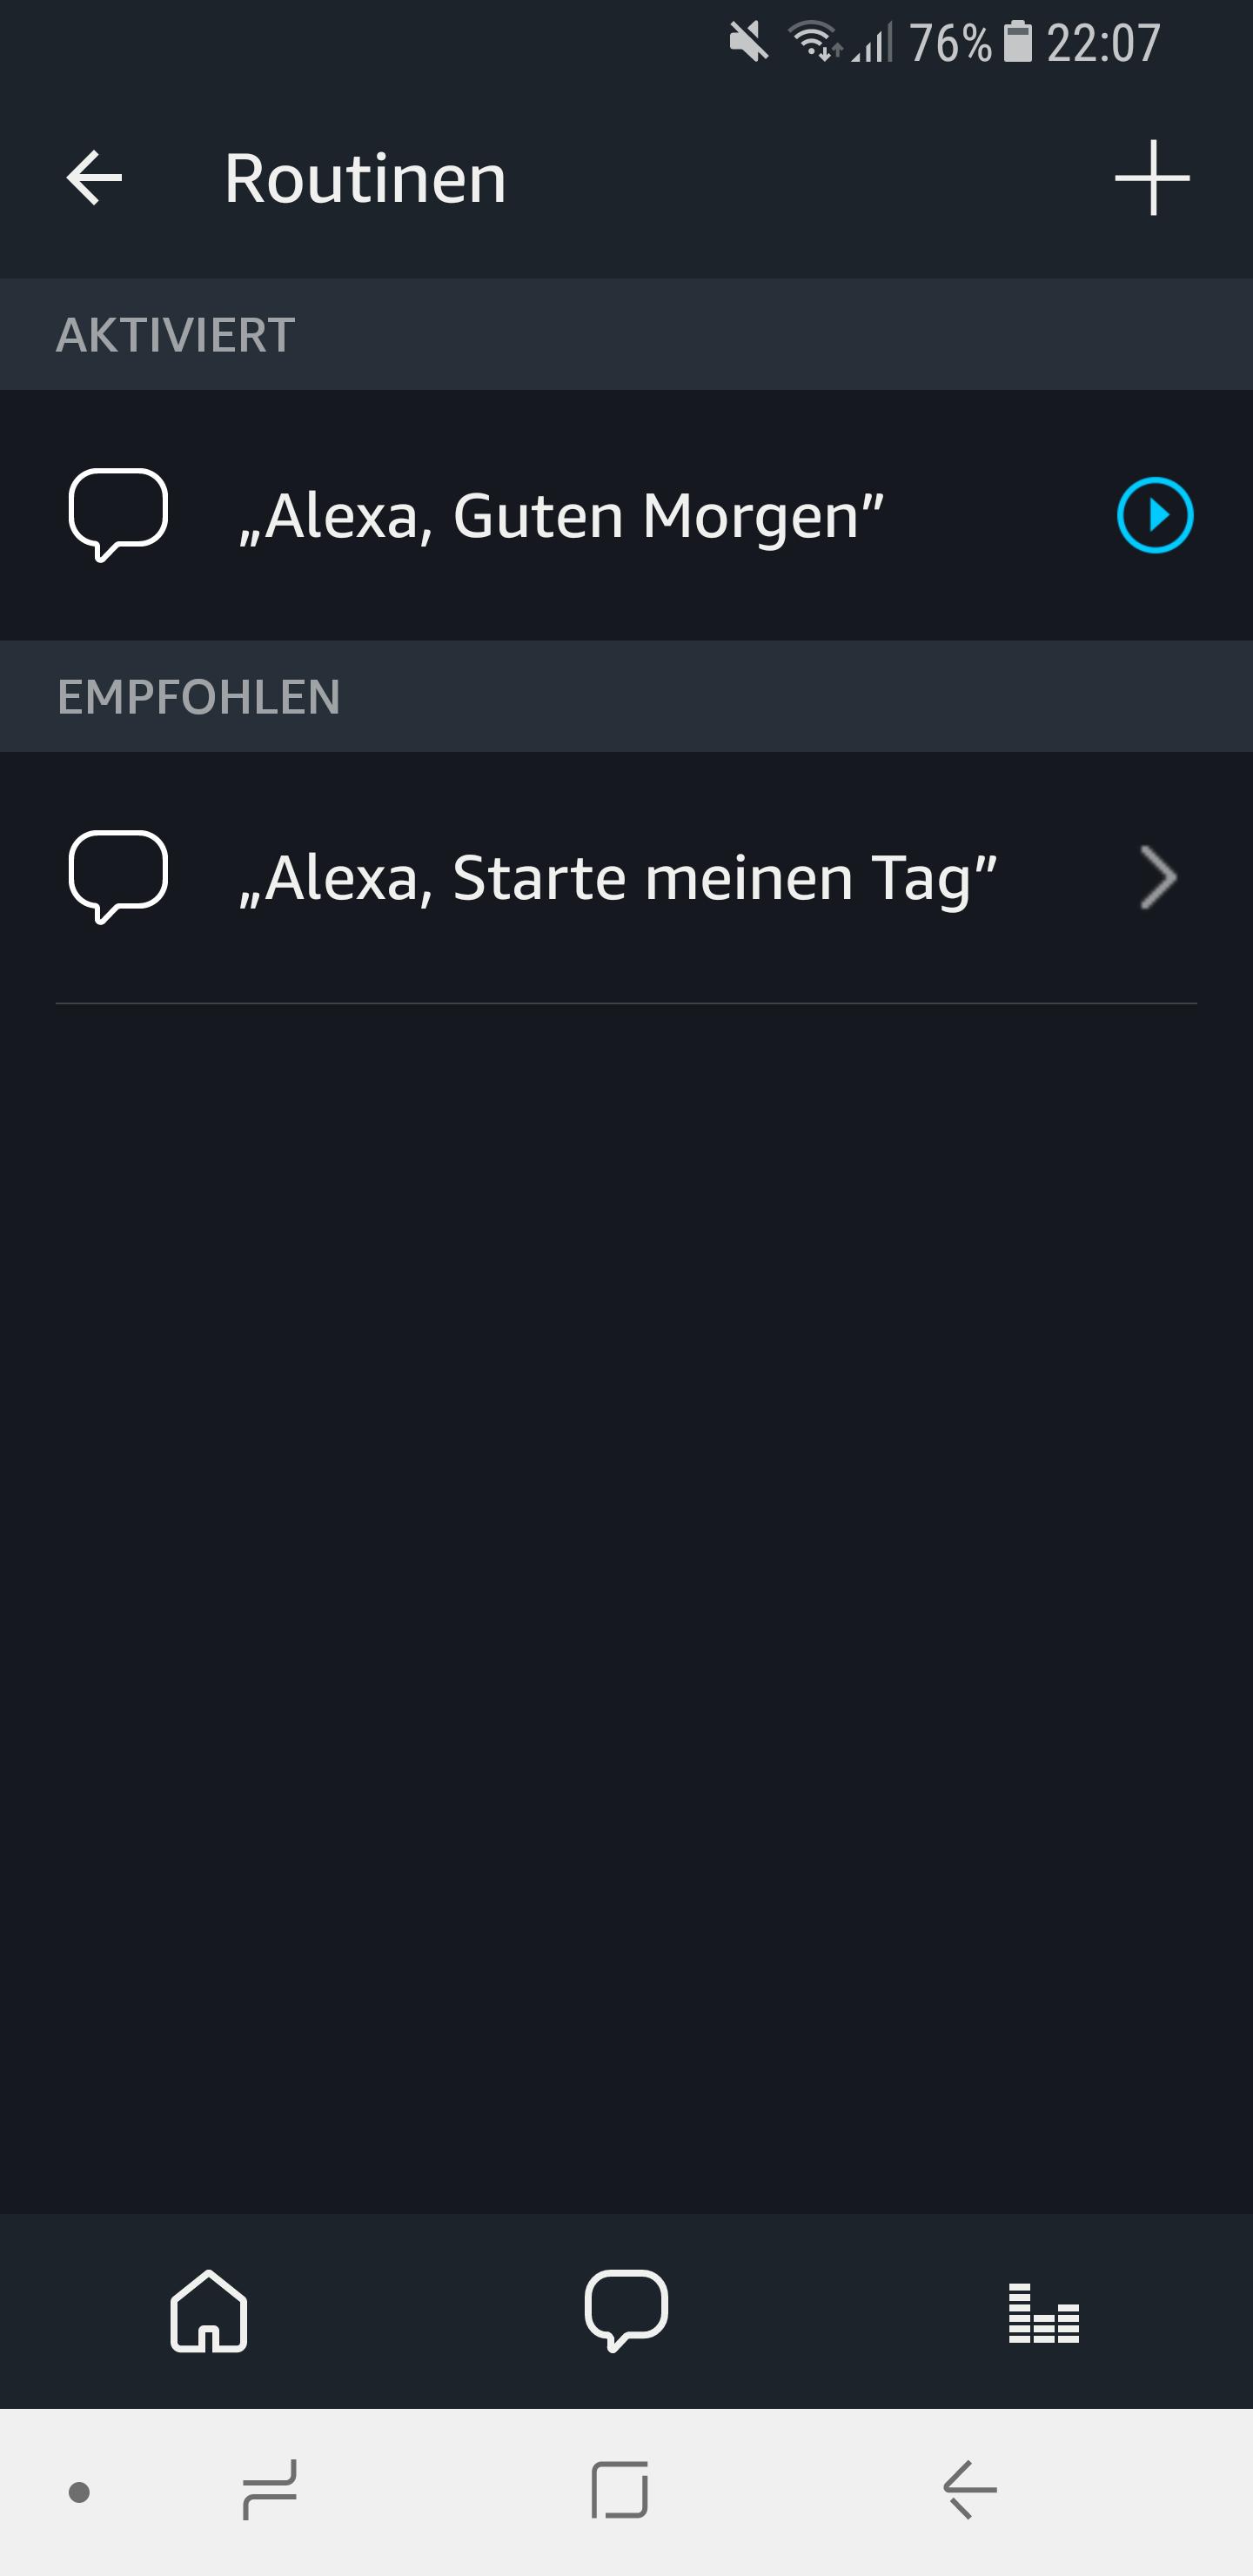 Routinen in der Amazon Alexa App einrichten und nutzen 19